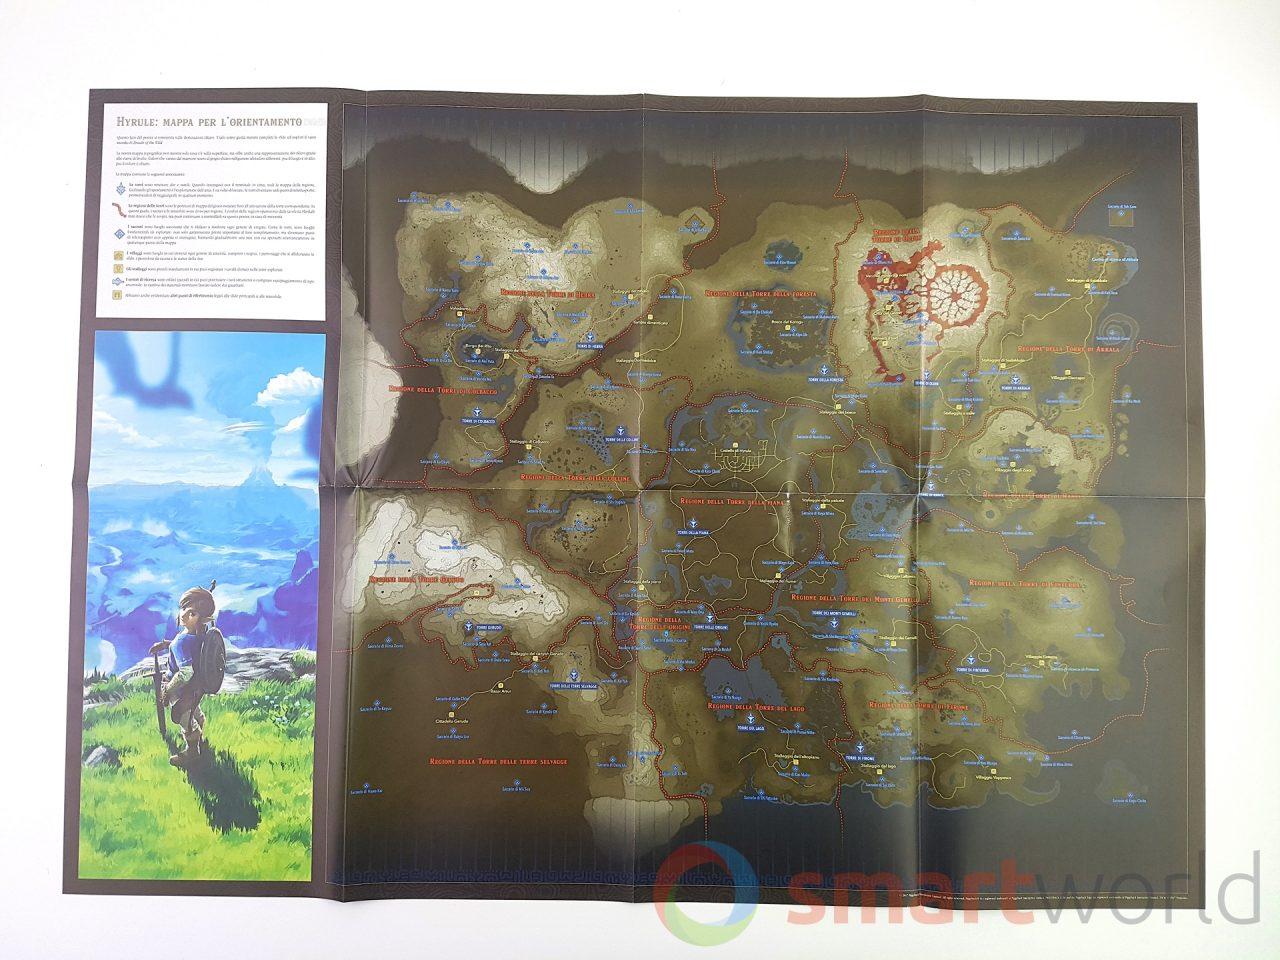 La mappa di gioco è davvero enorme, e avere a disposizione una copia cartacea potrebbe tornare davvero utile per pianificare gli spostamenti o per scovare qualche segreto extra.